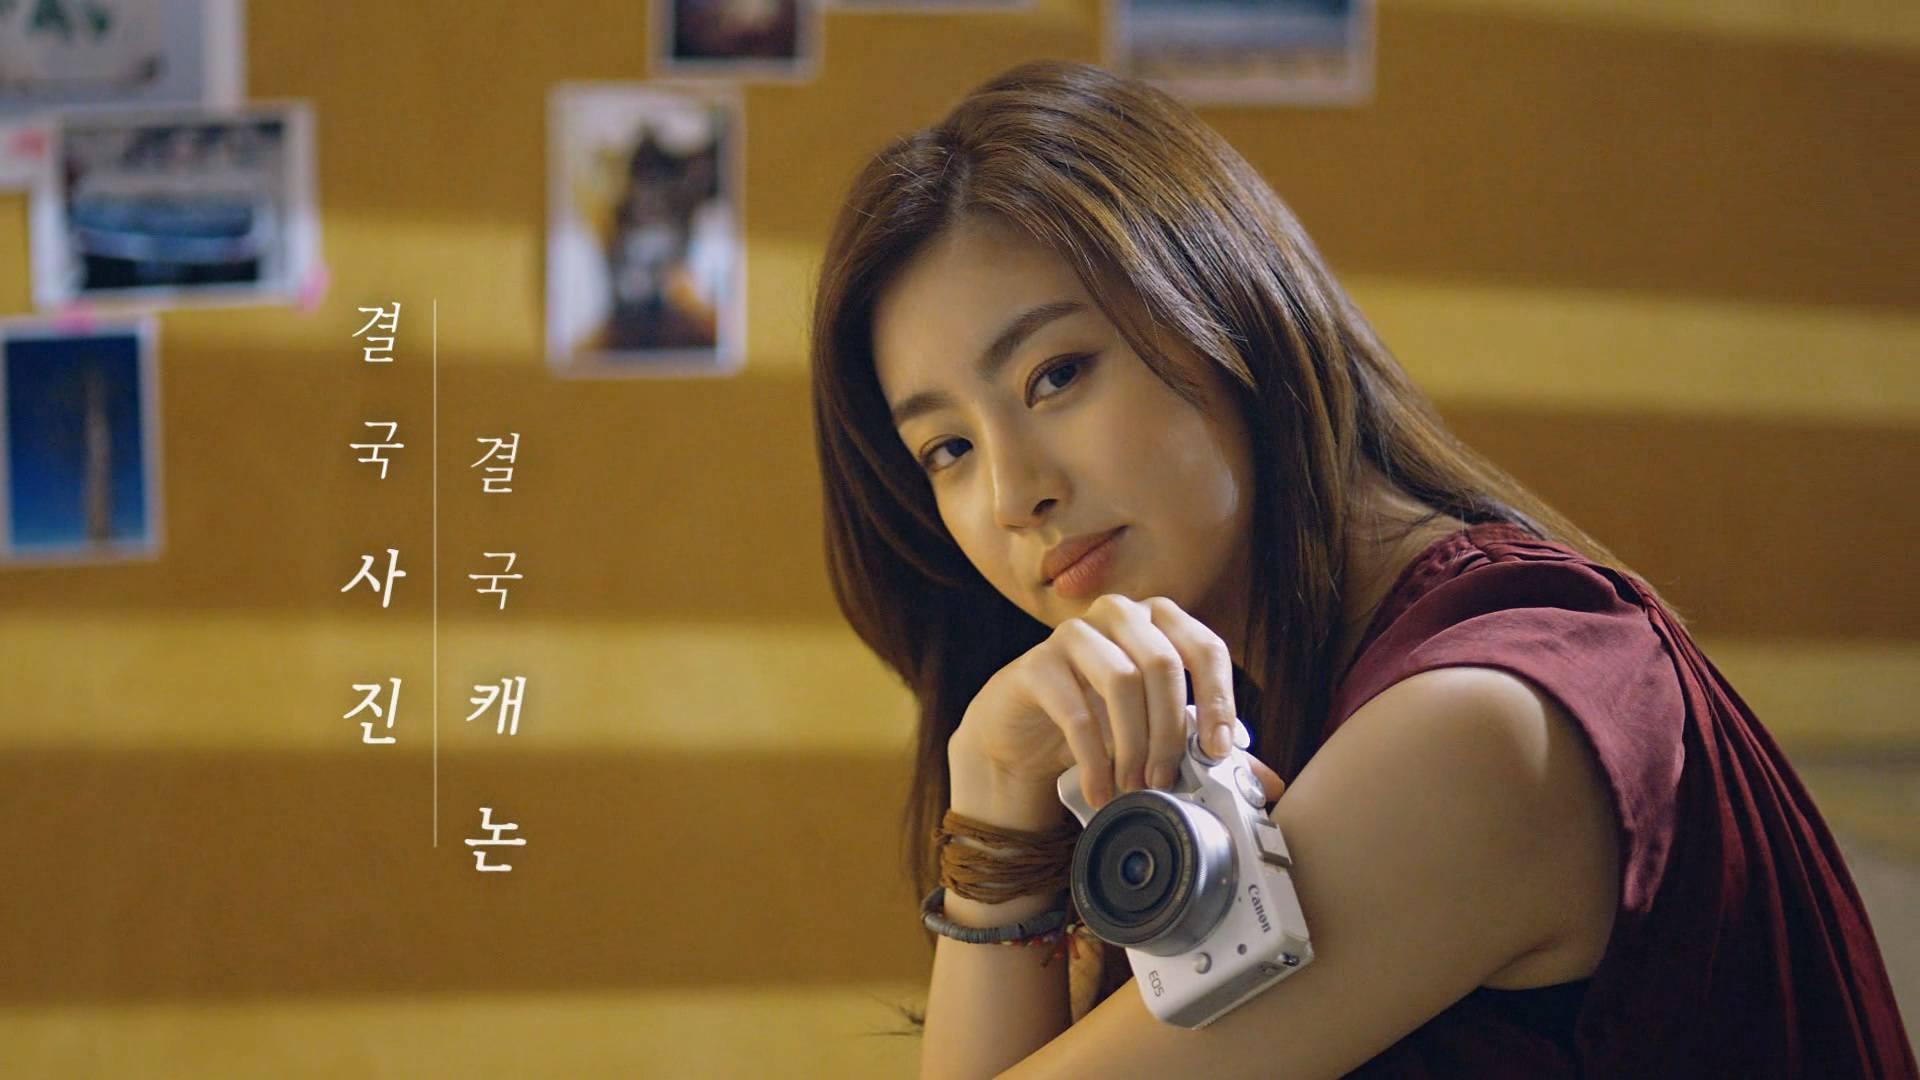 Kang with Camera